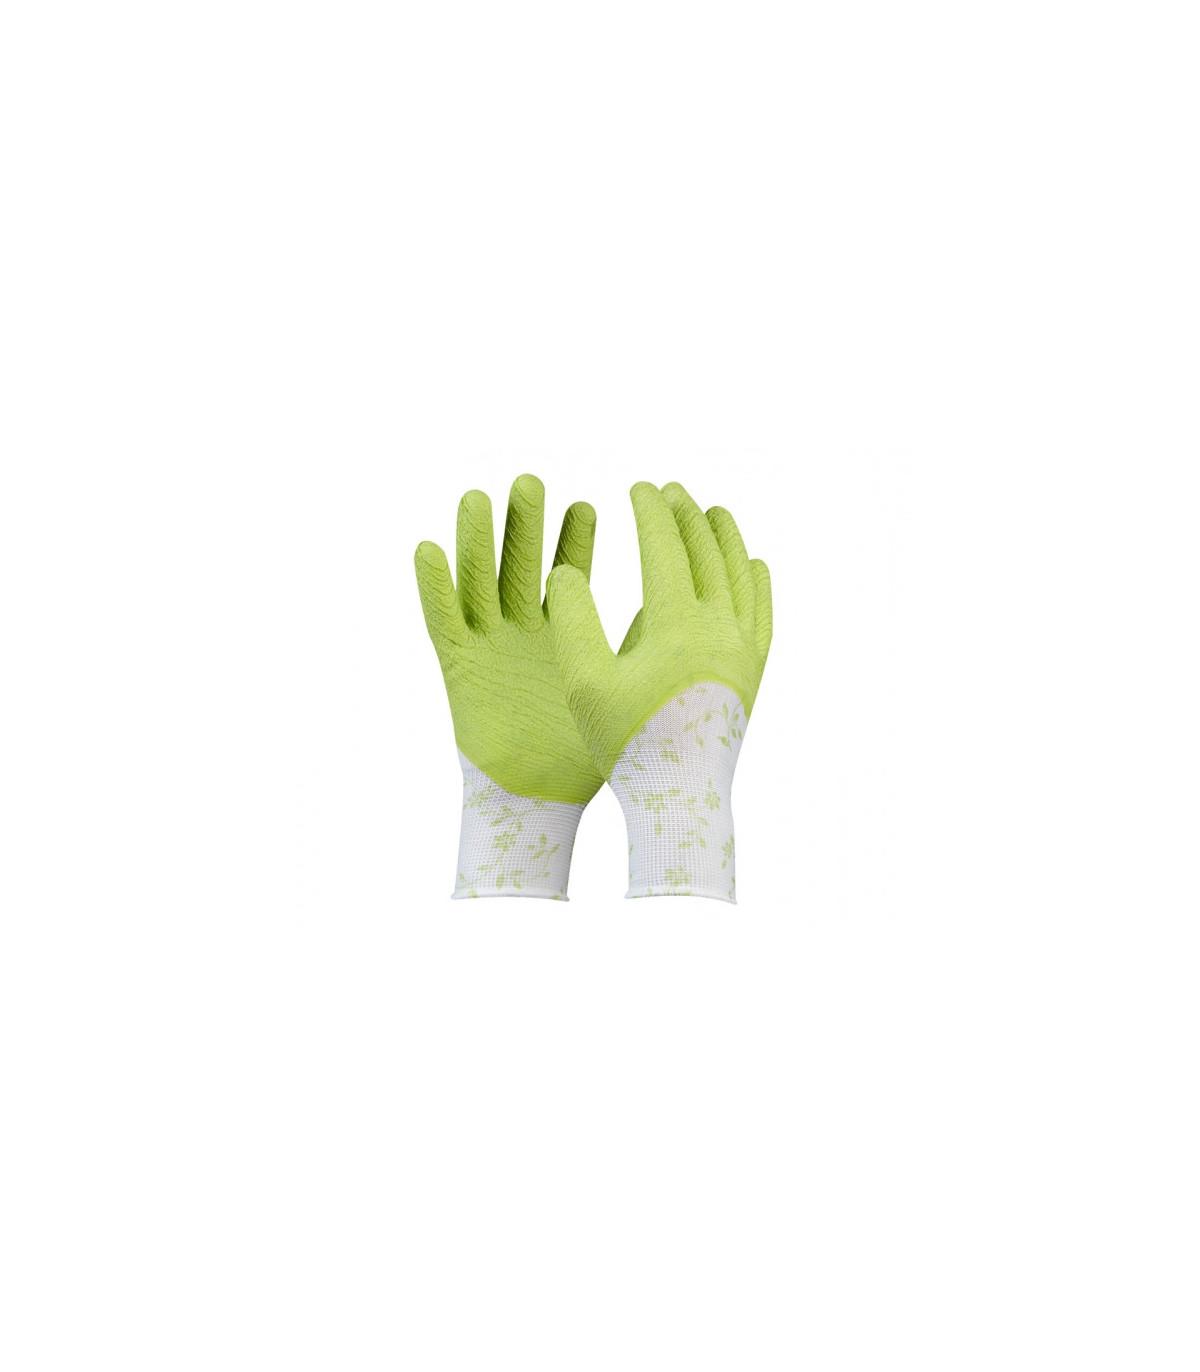 Pracovné rukavice dámske zelené - veľkosť 7 - Flower - 1 pár